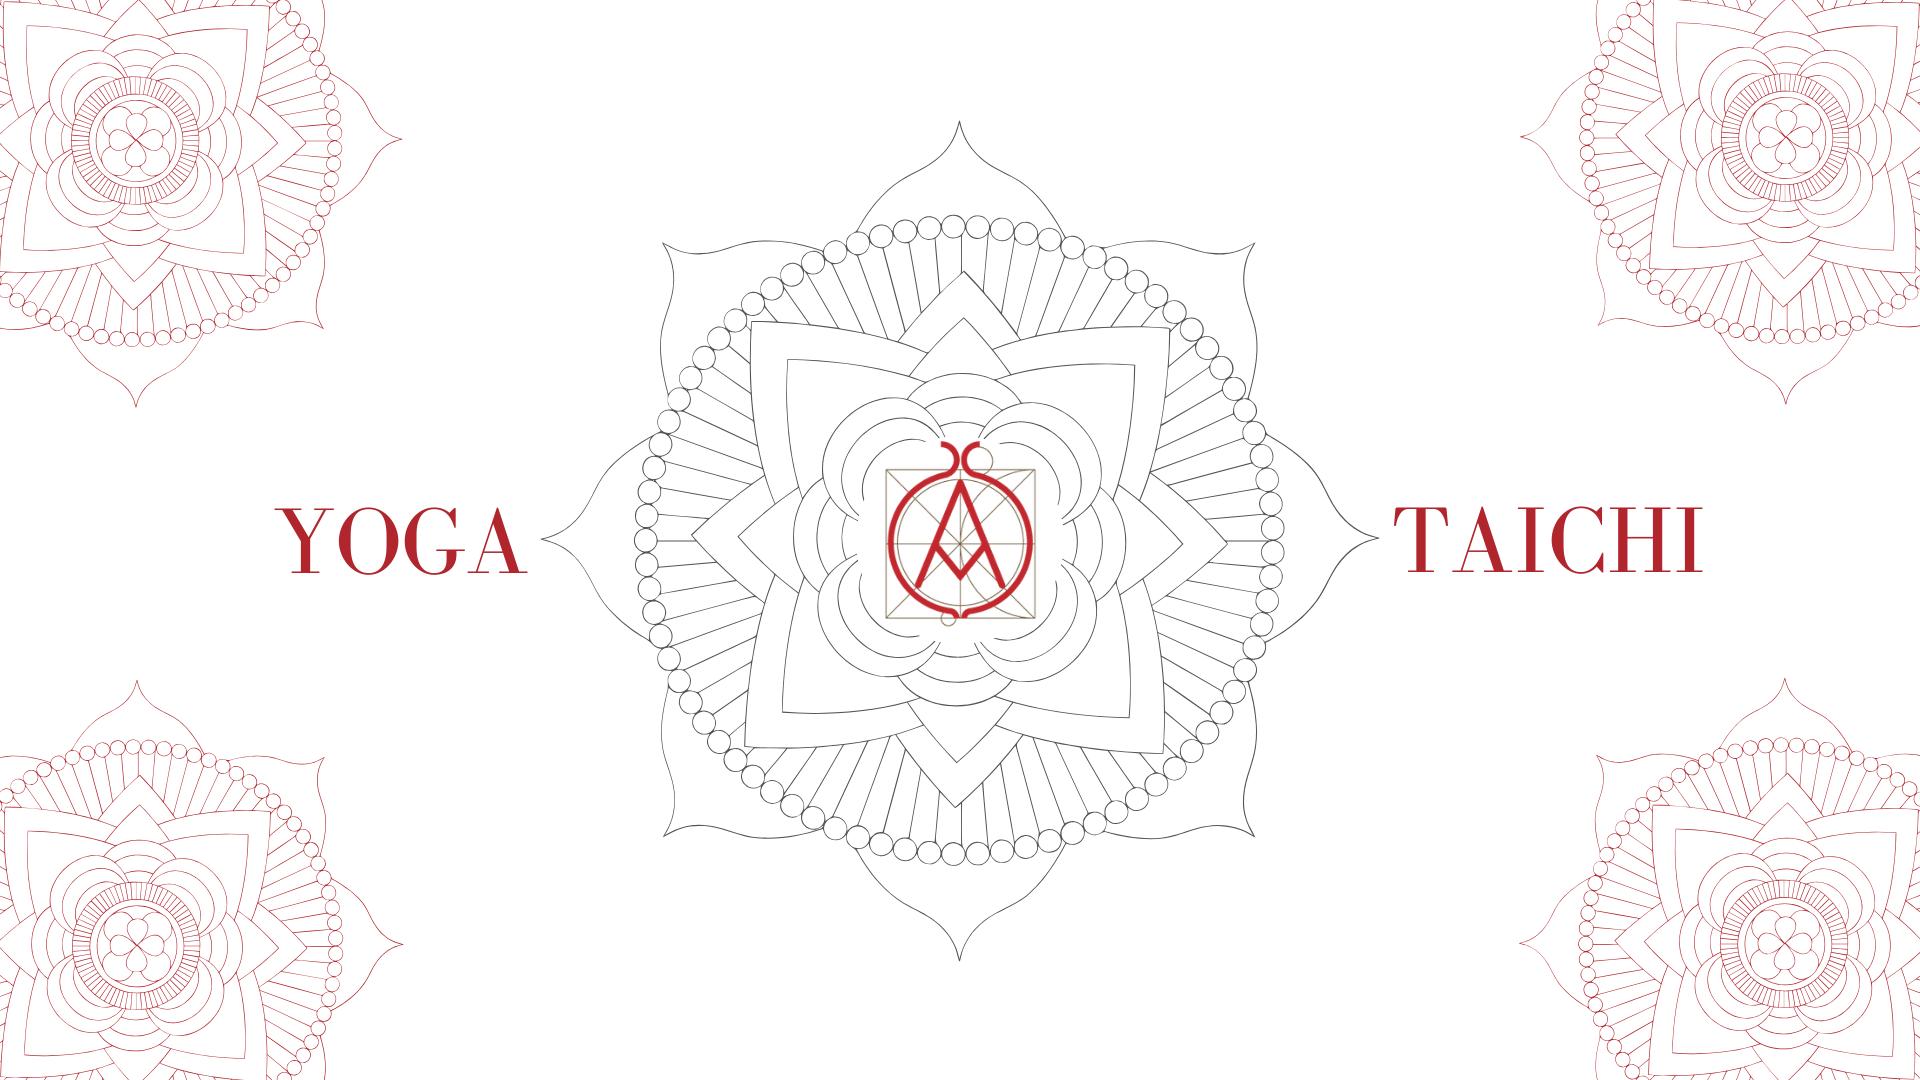 Ripartono i corsi di Yoga e Taichi a Venezia!